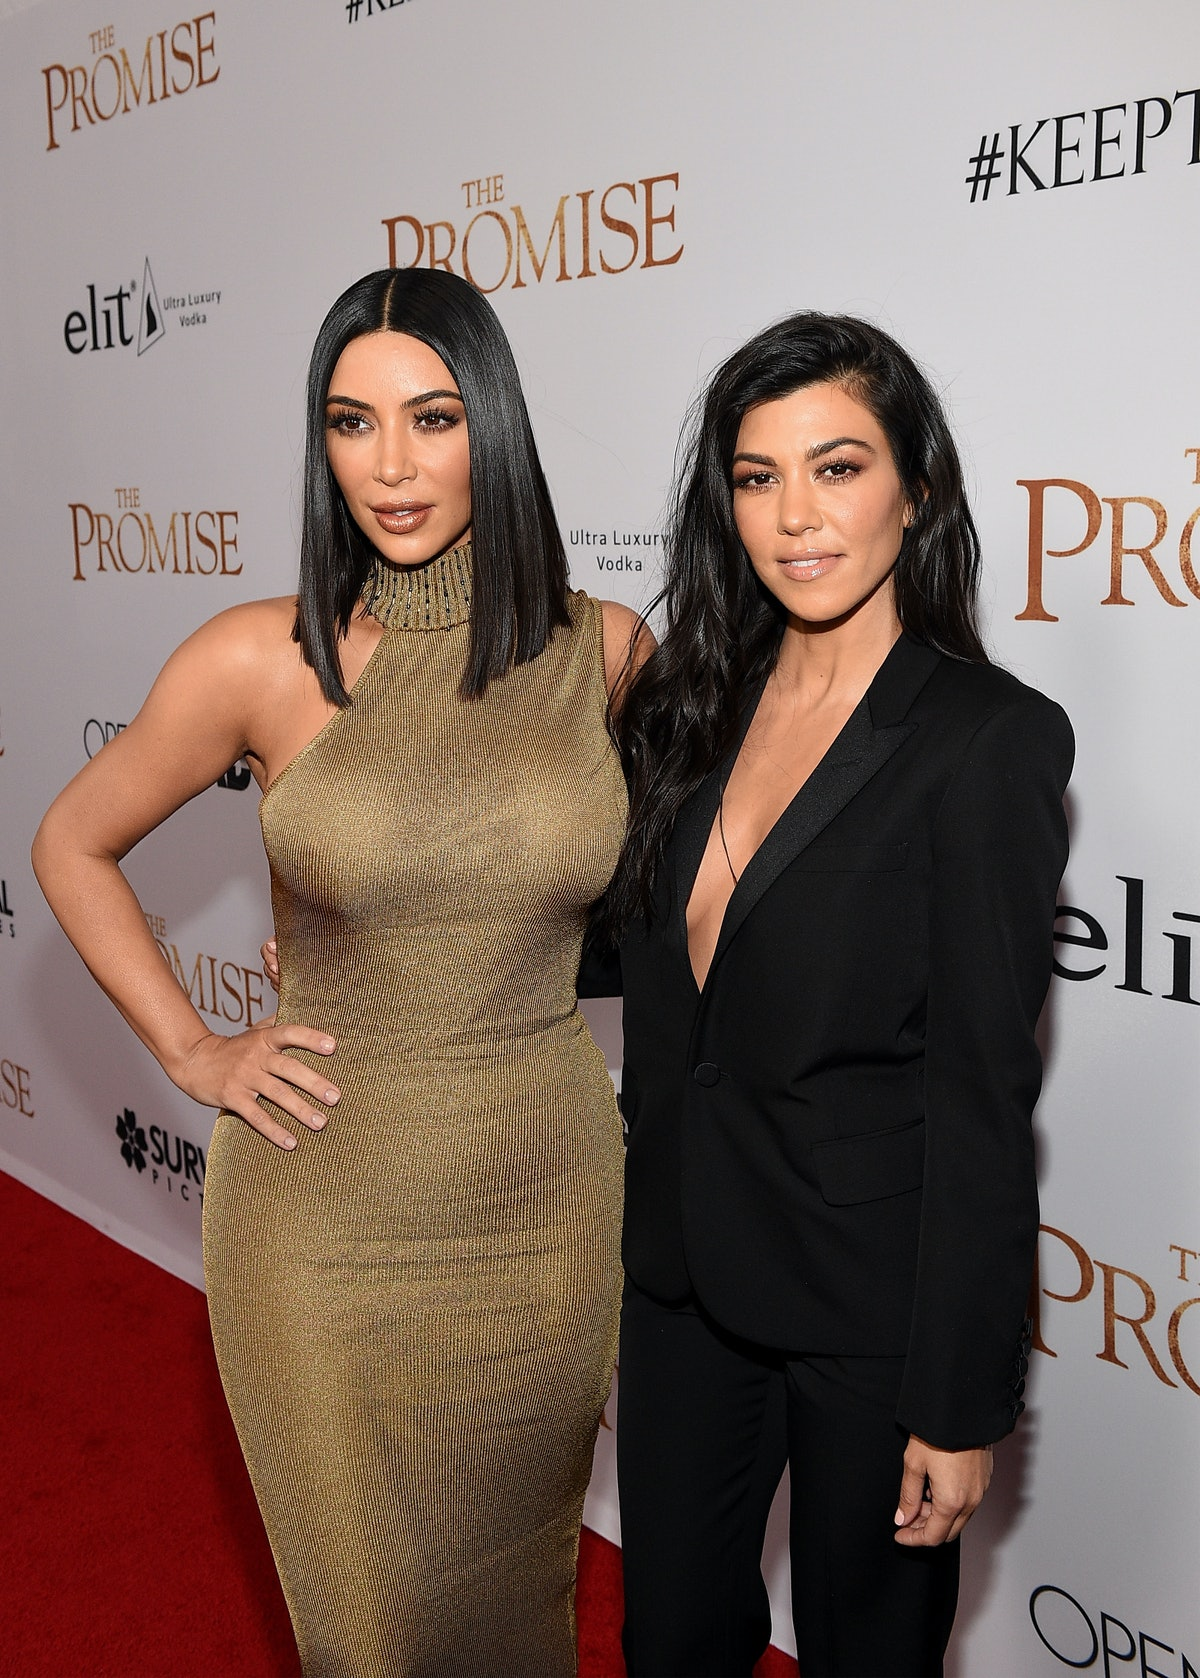 Kim & Kourtney Kardashian's Birthday Tributes To Their Dad Are The Sweetest Throwbacks — PHOTOS